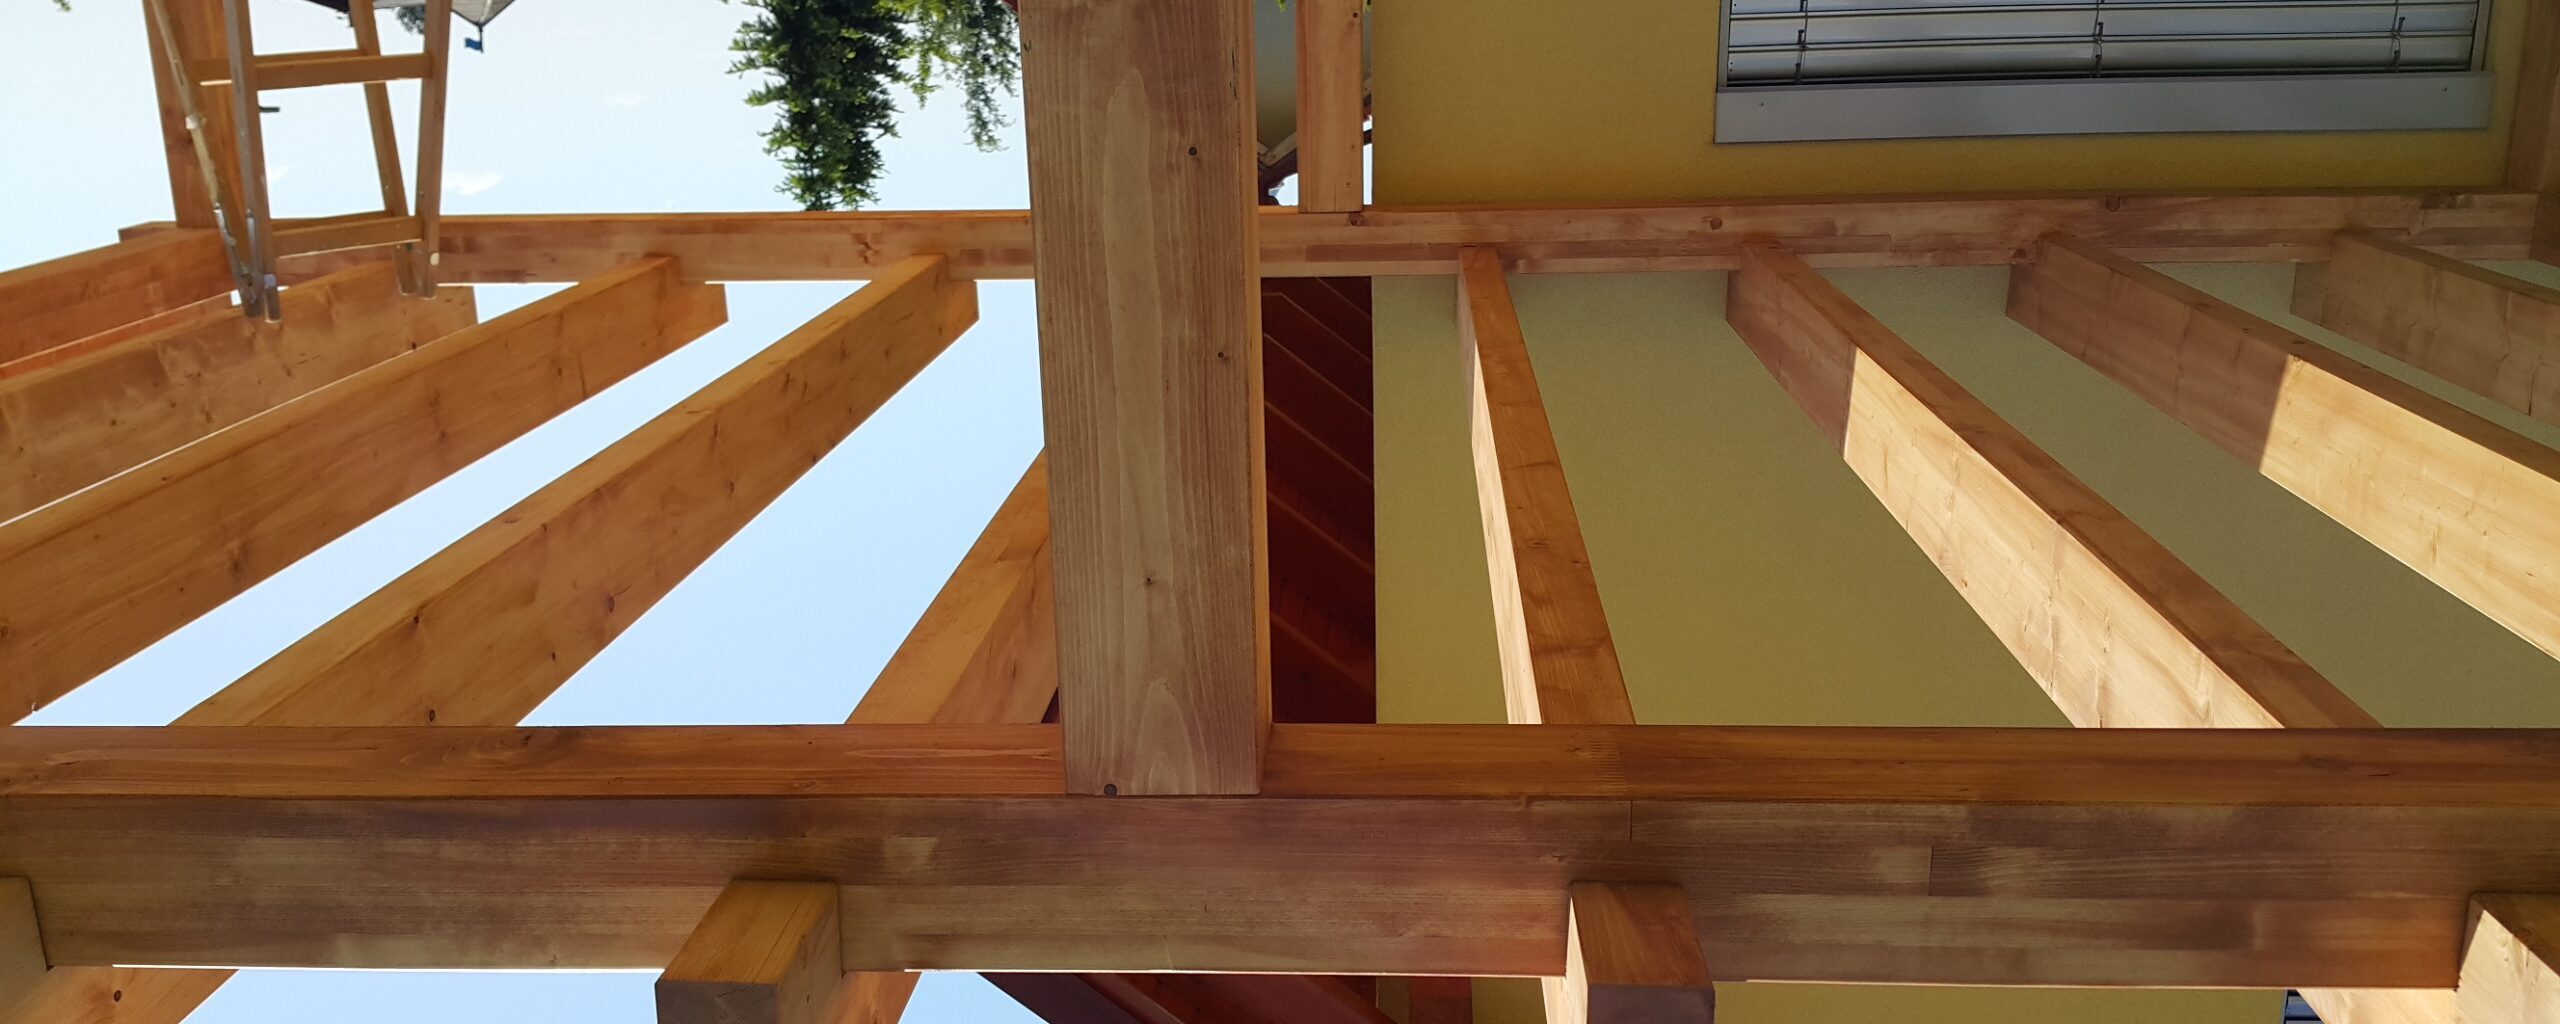 Pergola nadstrešnica iz lesnih lepljencev, brez vidnih vijakov